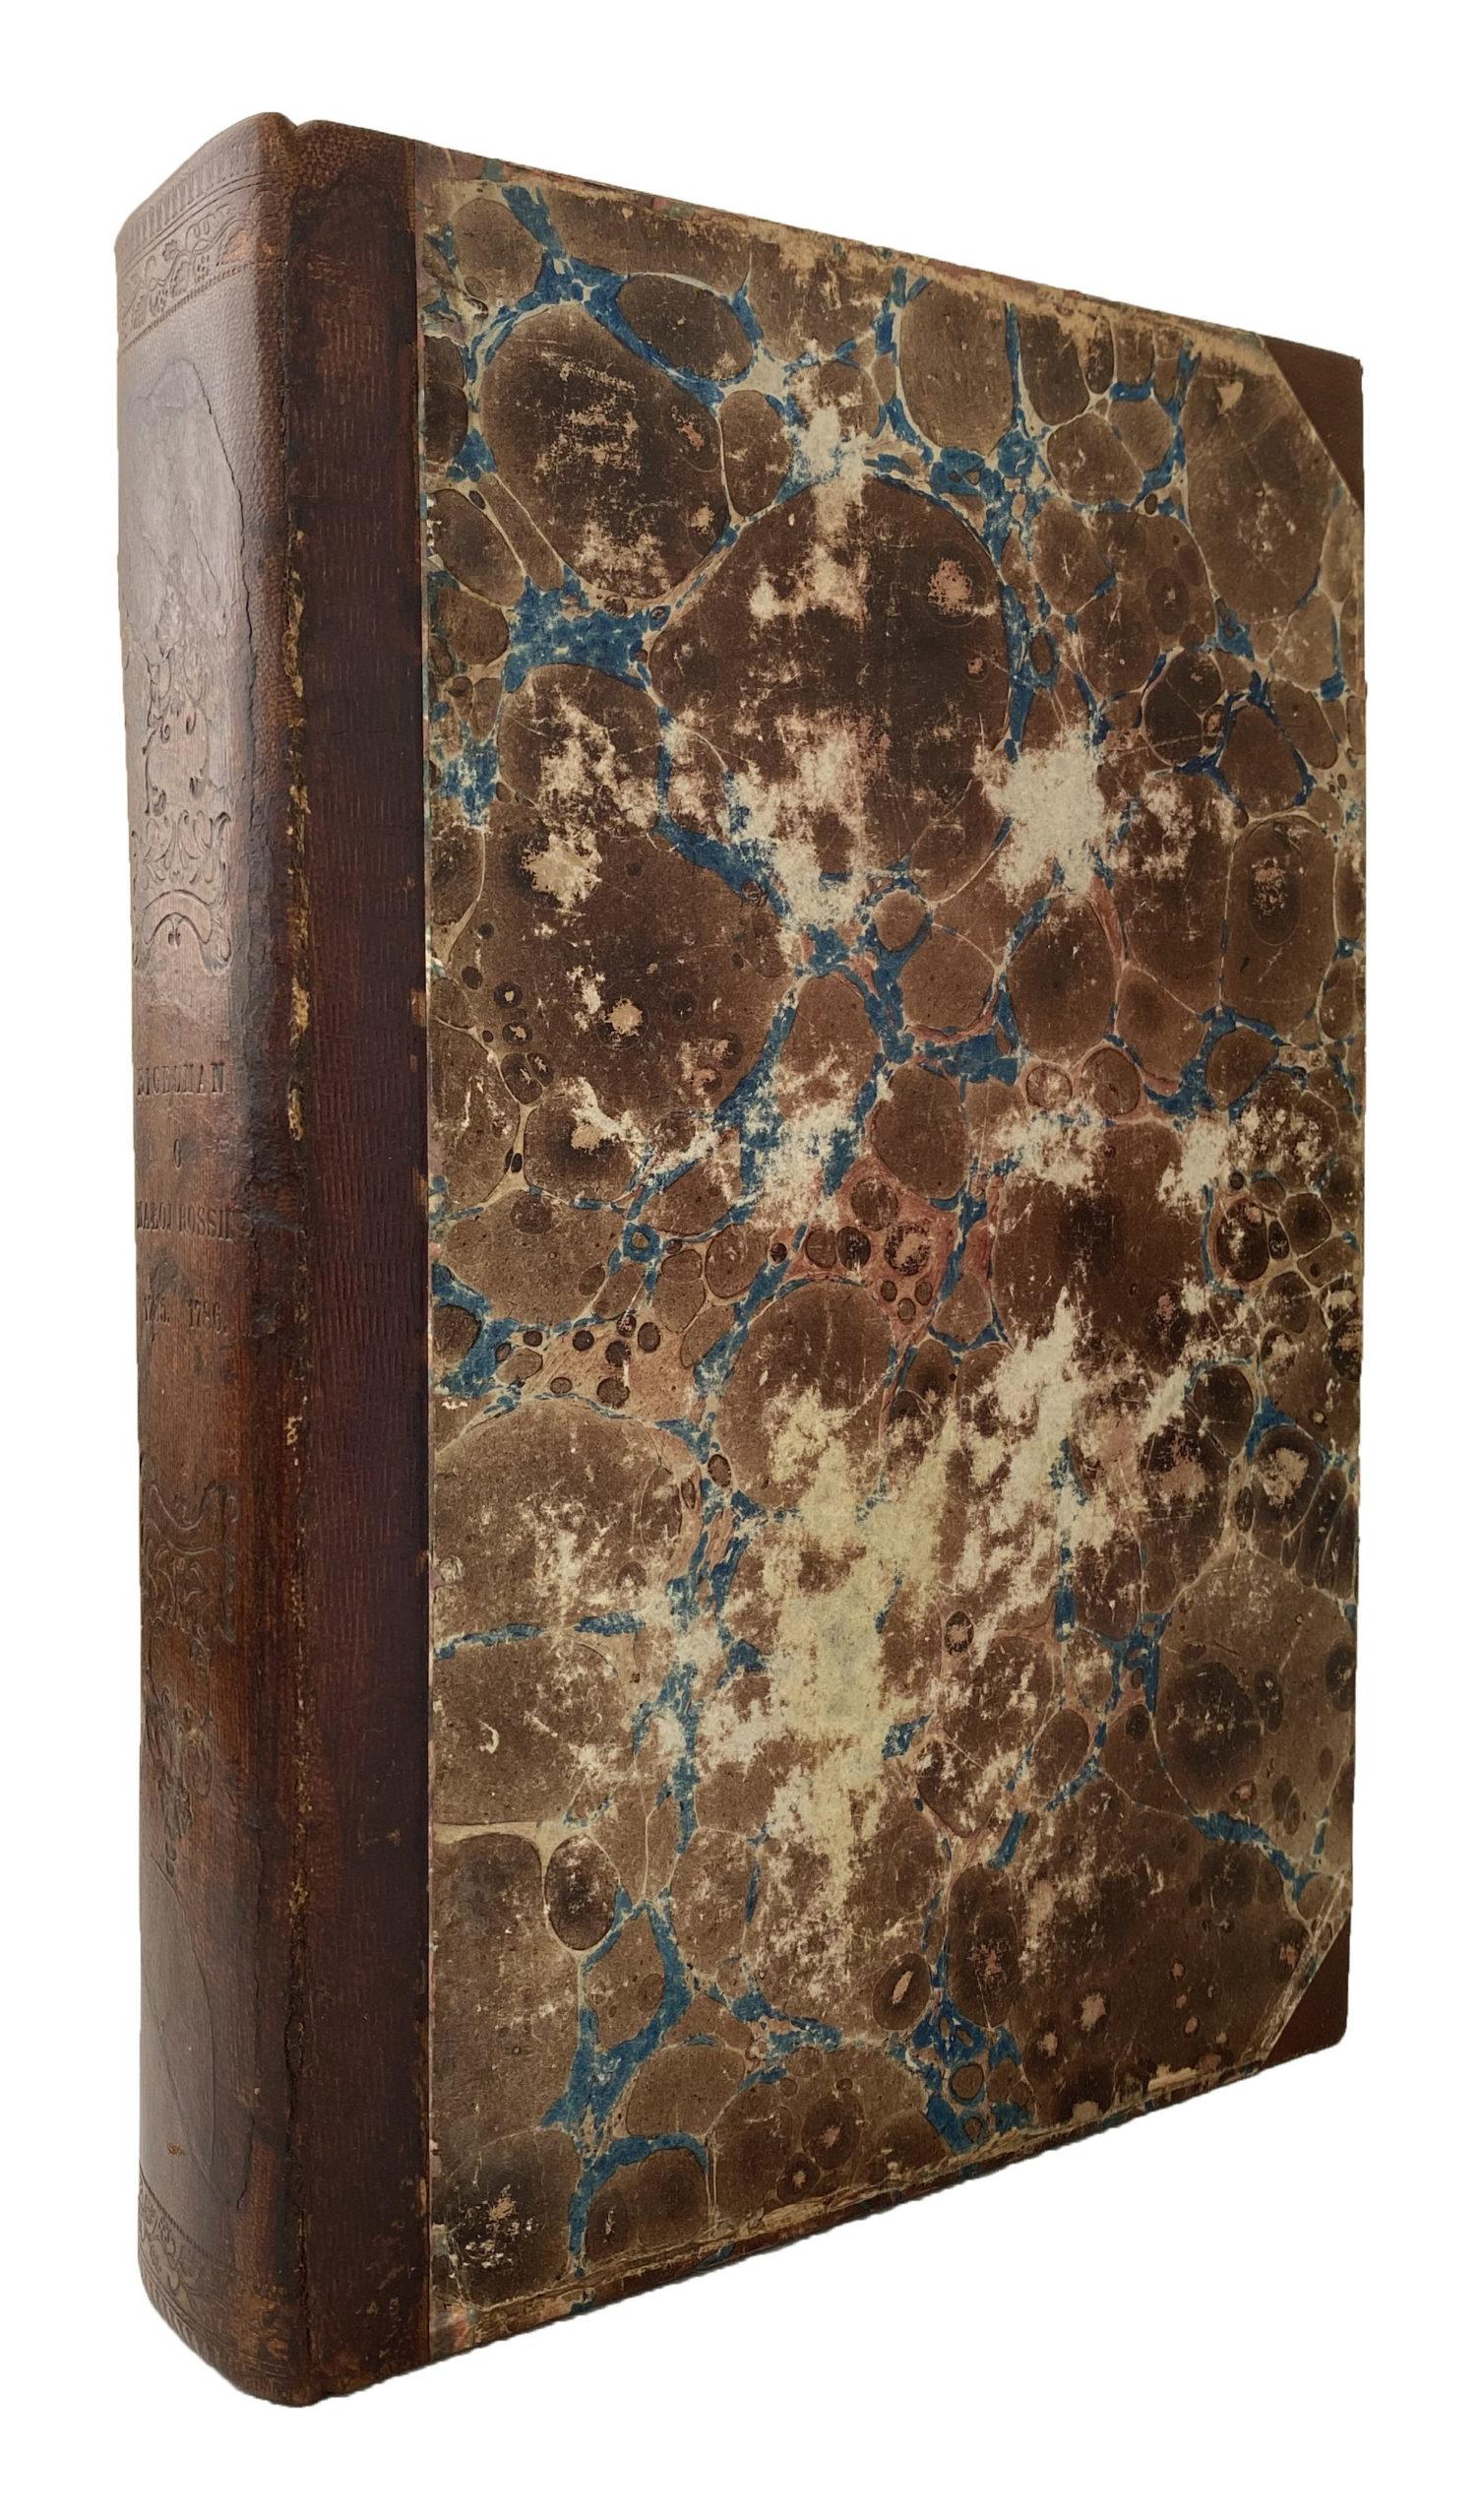 Ригельман А. Летописное повествование о Малой России в 4 частях. Москва, 1847.